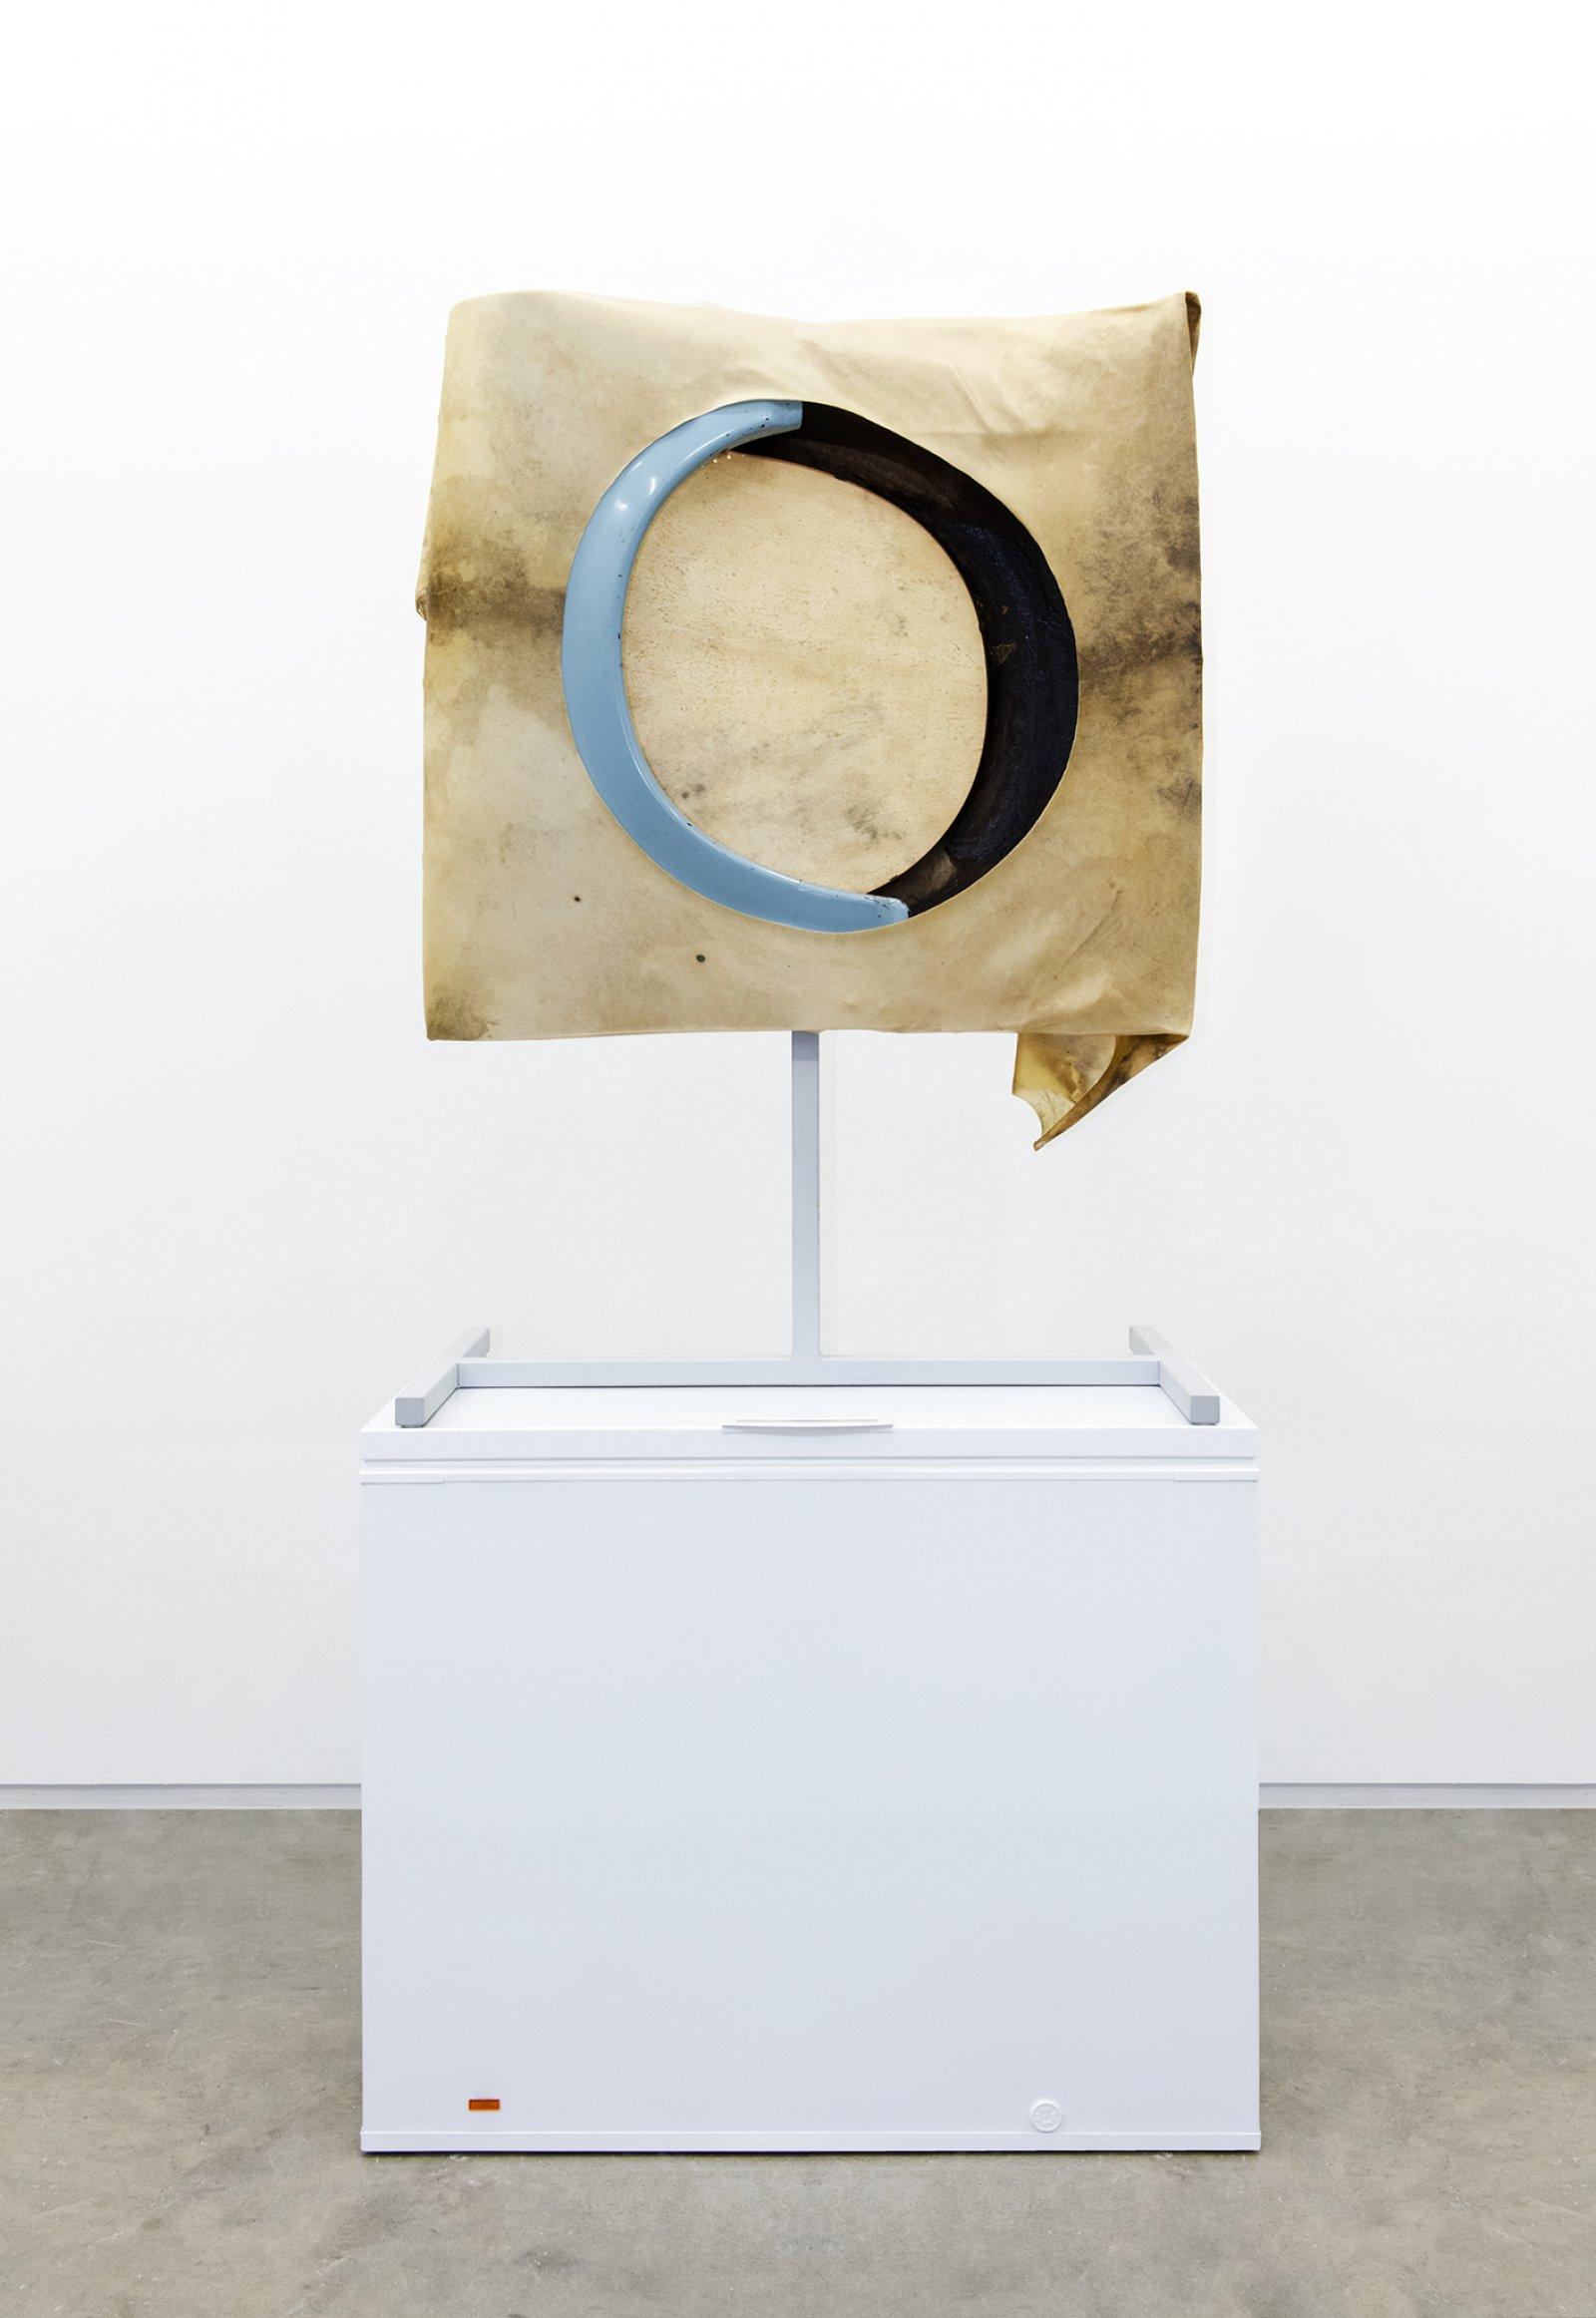 Brian Jungen,Moon, 2013, steel, deer hide, trabant fenders, freezer, 102 x 51 x 28 in. (258 x 130 x 71 cm)